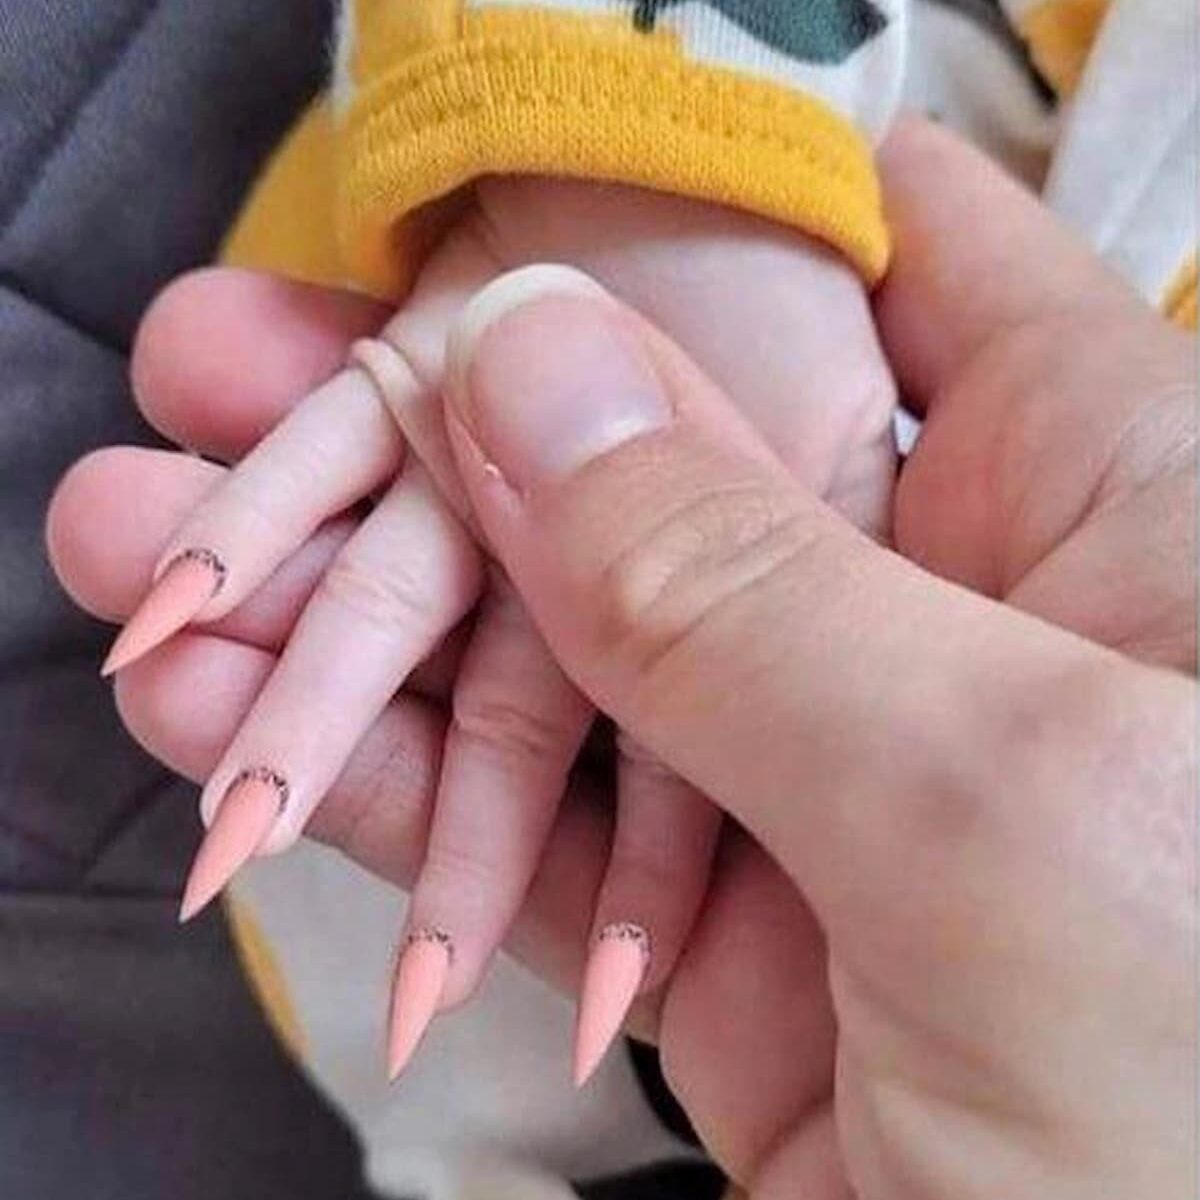 Covid? C'è chi scherzare con le unghie stiletto alla figlia. Nell'uovo il vaccino Johnson&Johnson, in Italia dal 16 aprile